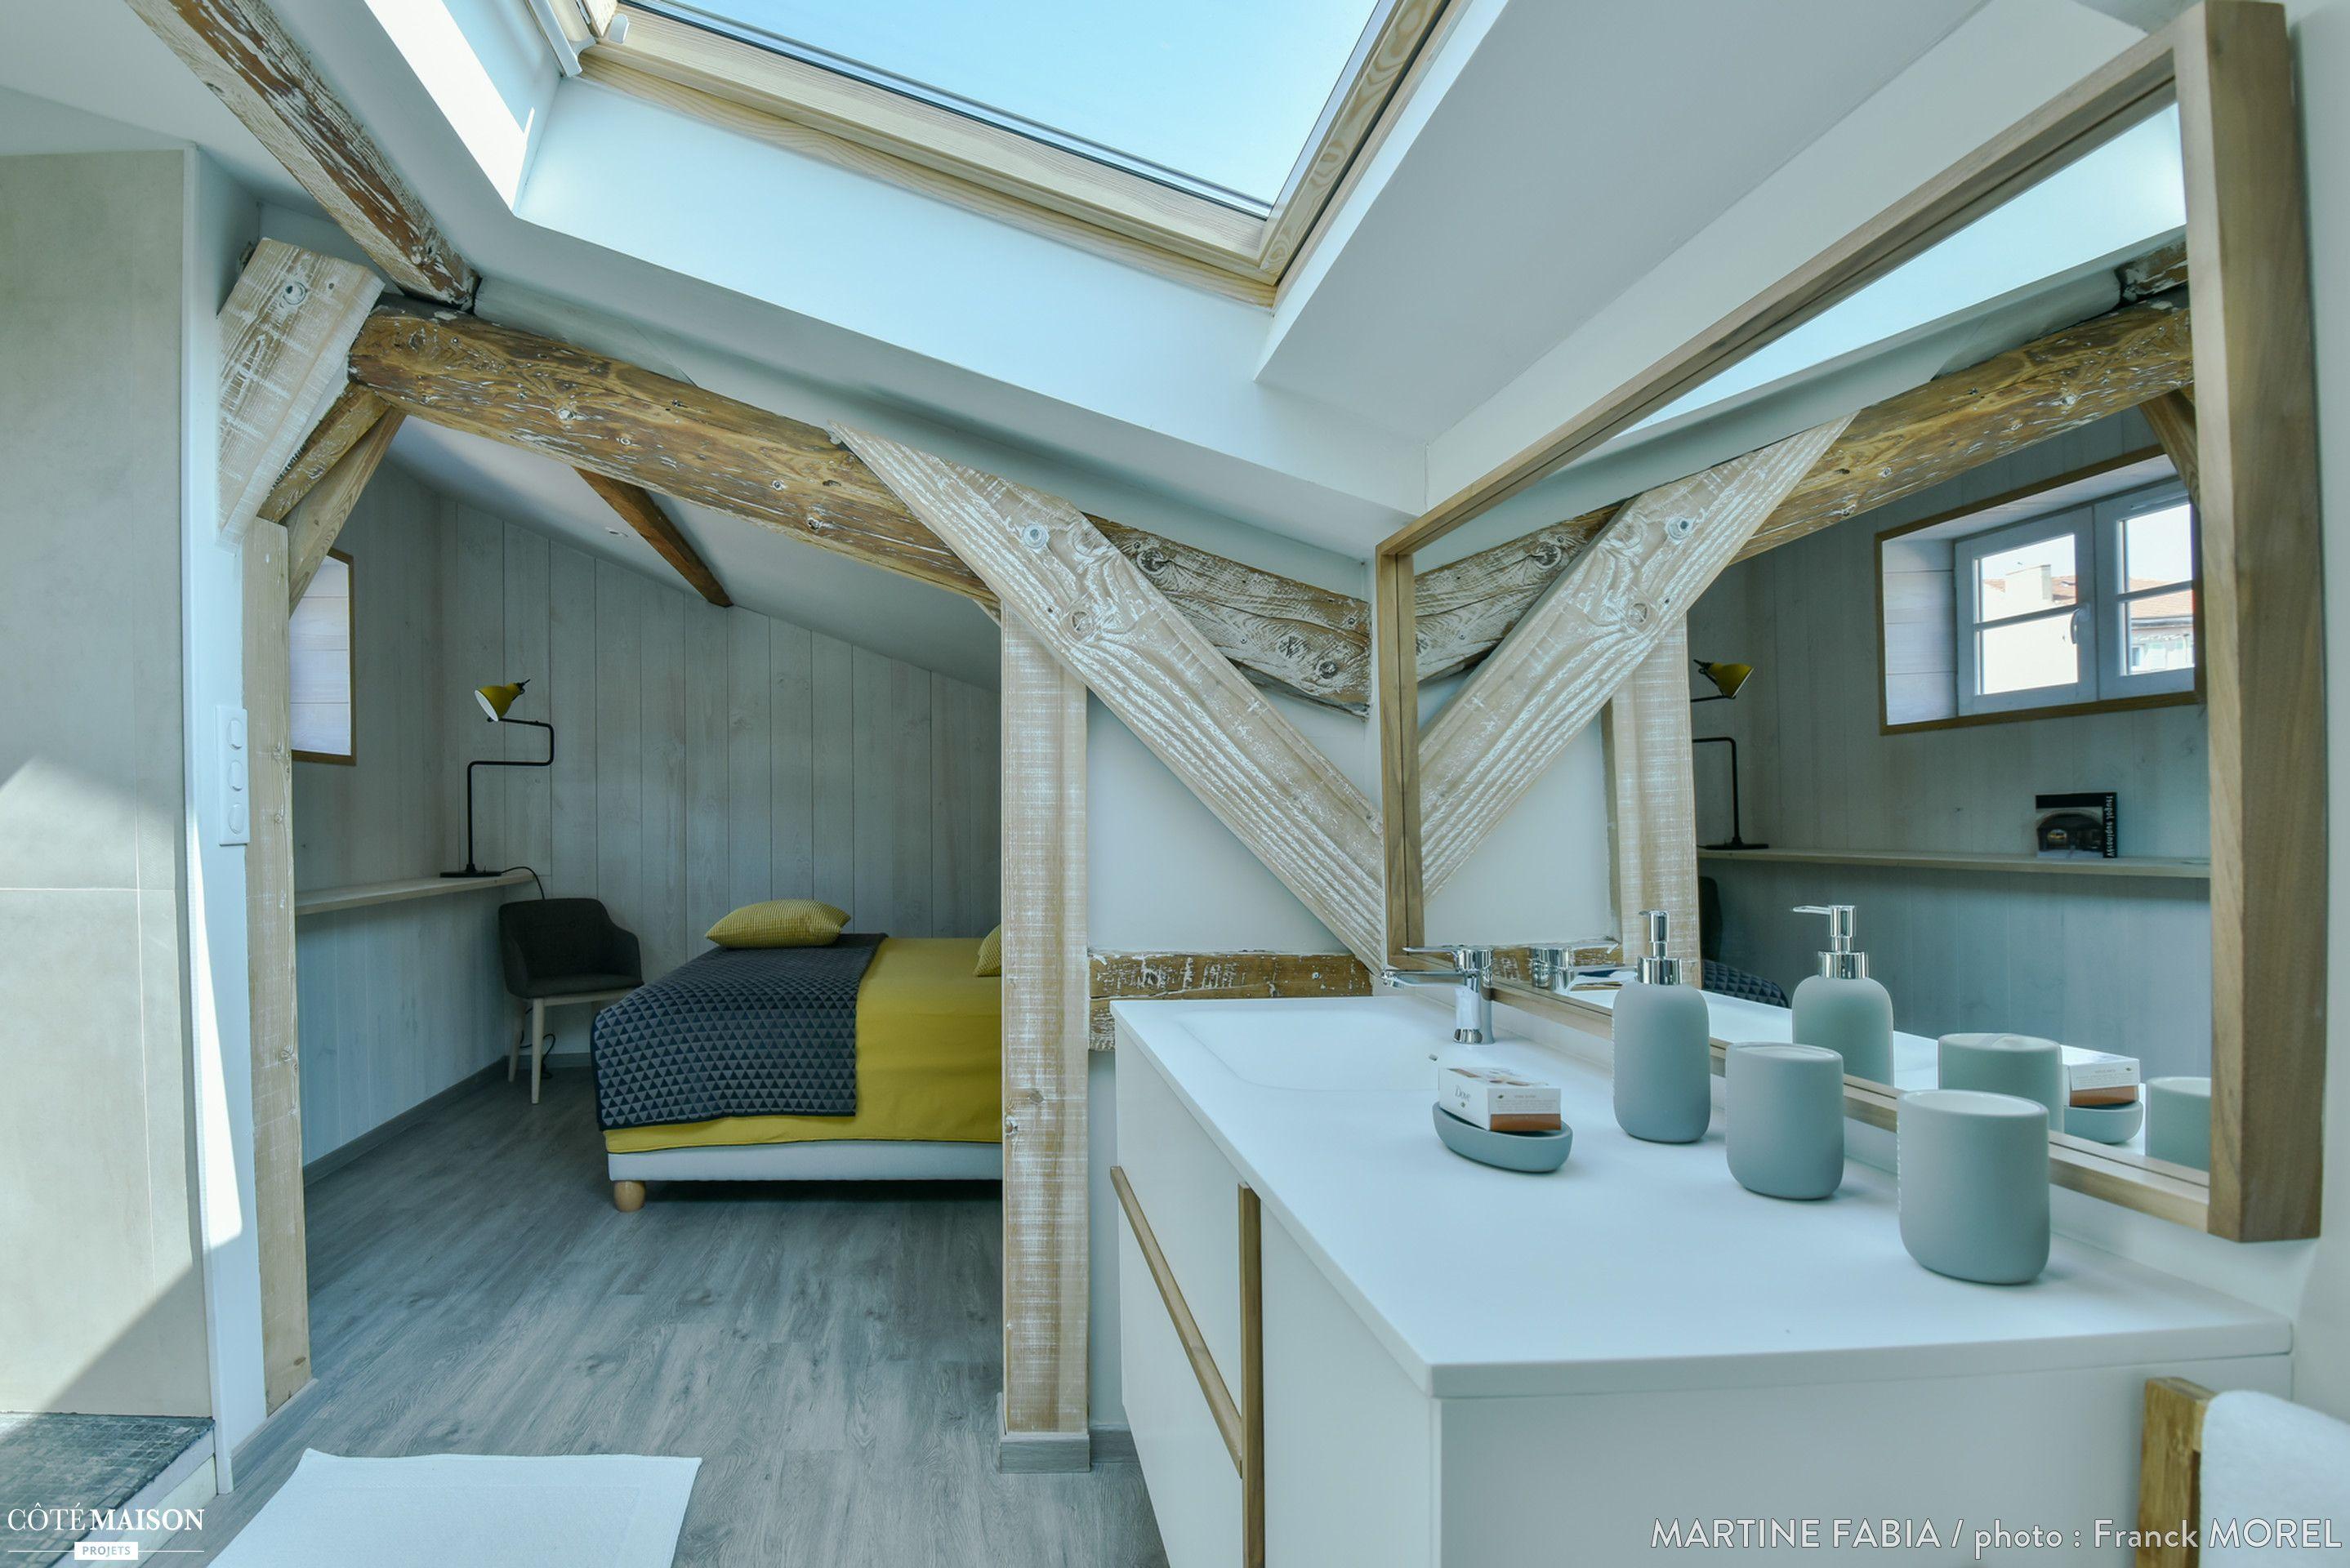 un petit cocon avec chambre et salle de bains, ambiance douce et